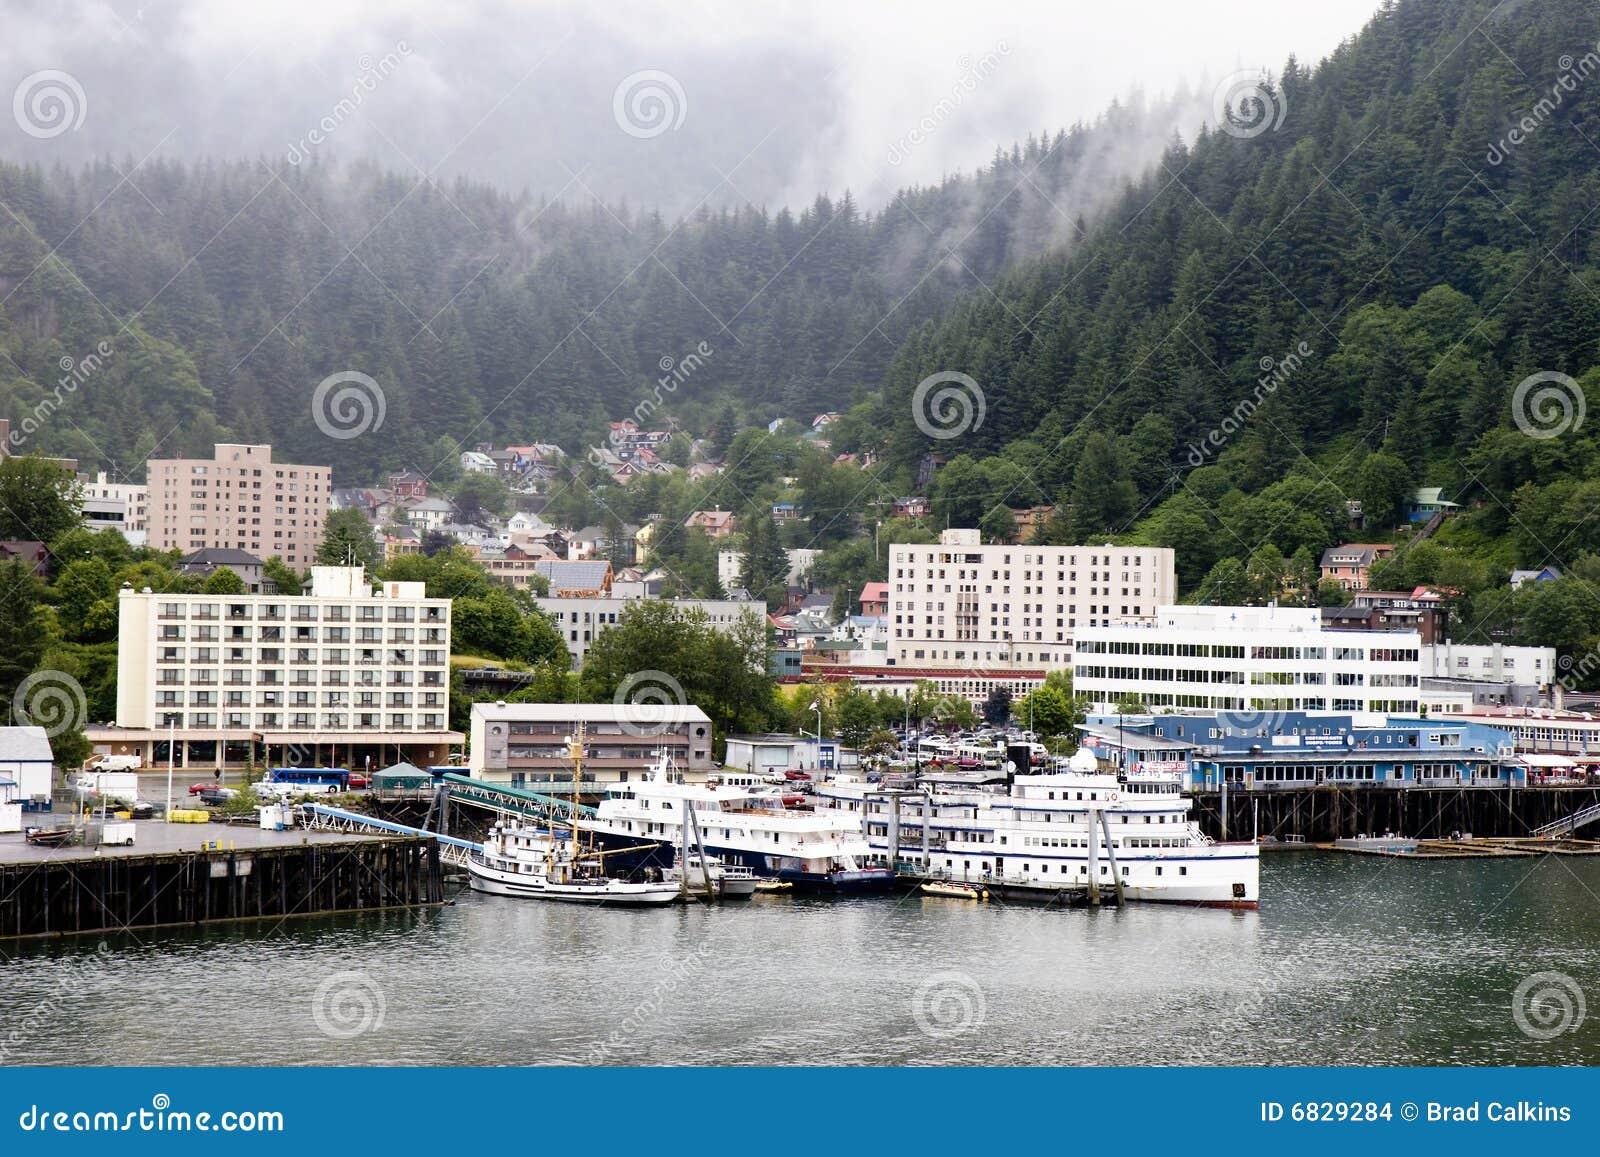 Boat Dock Building Plans